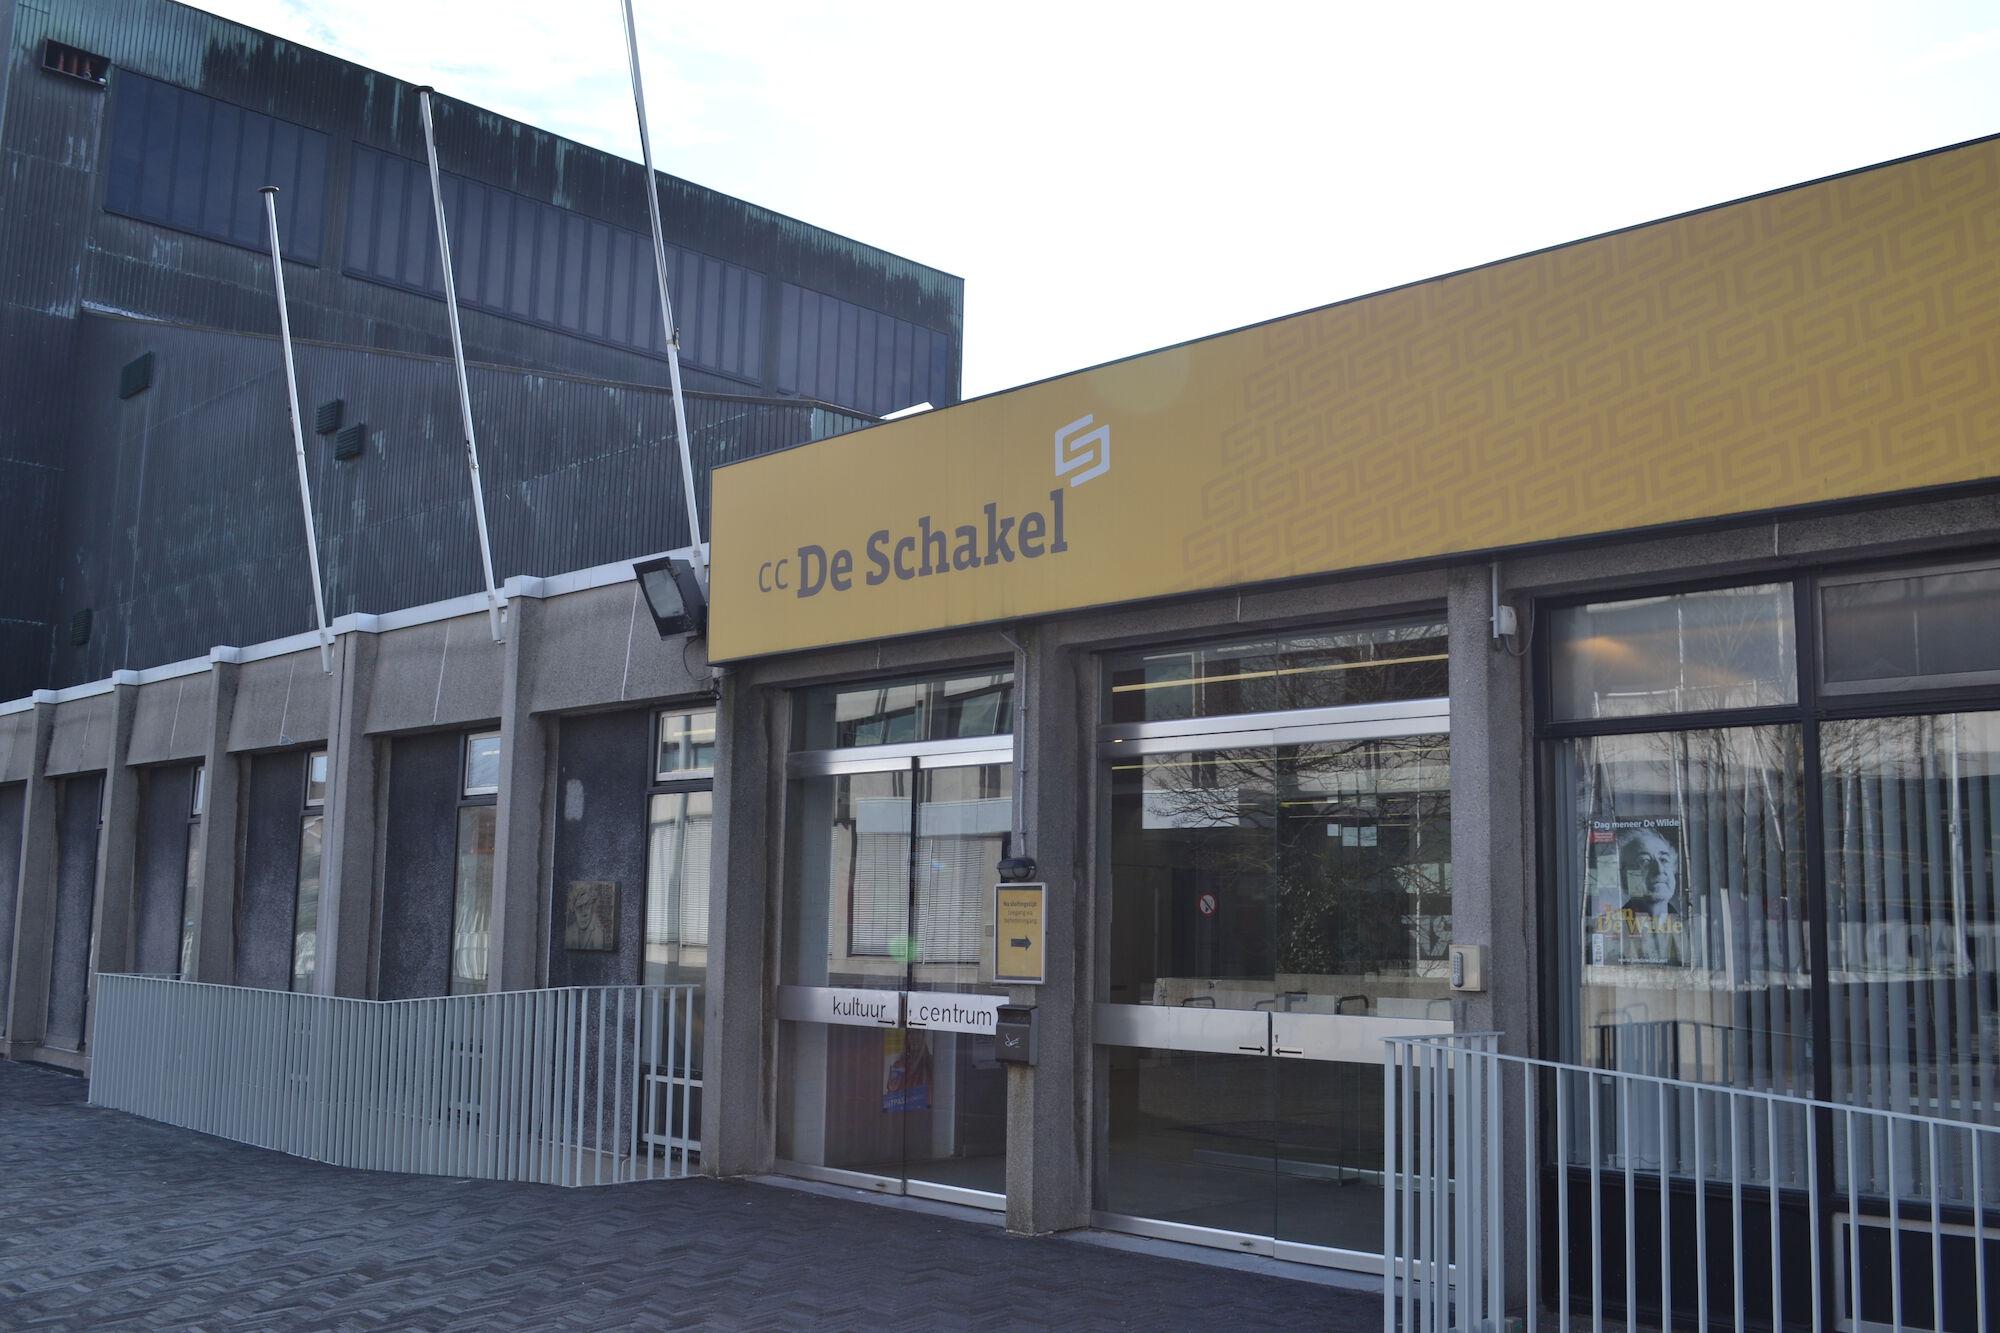 CC De Schakel